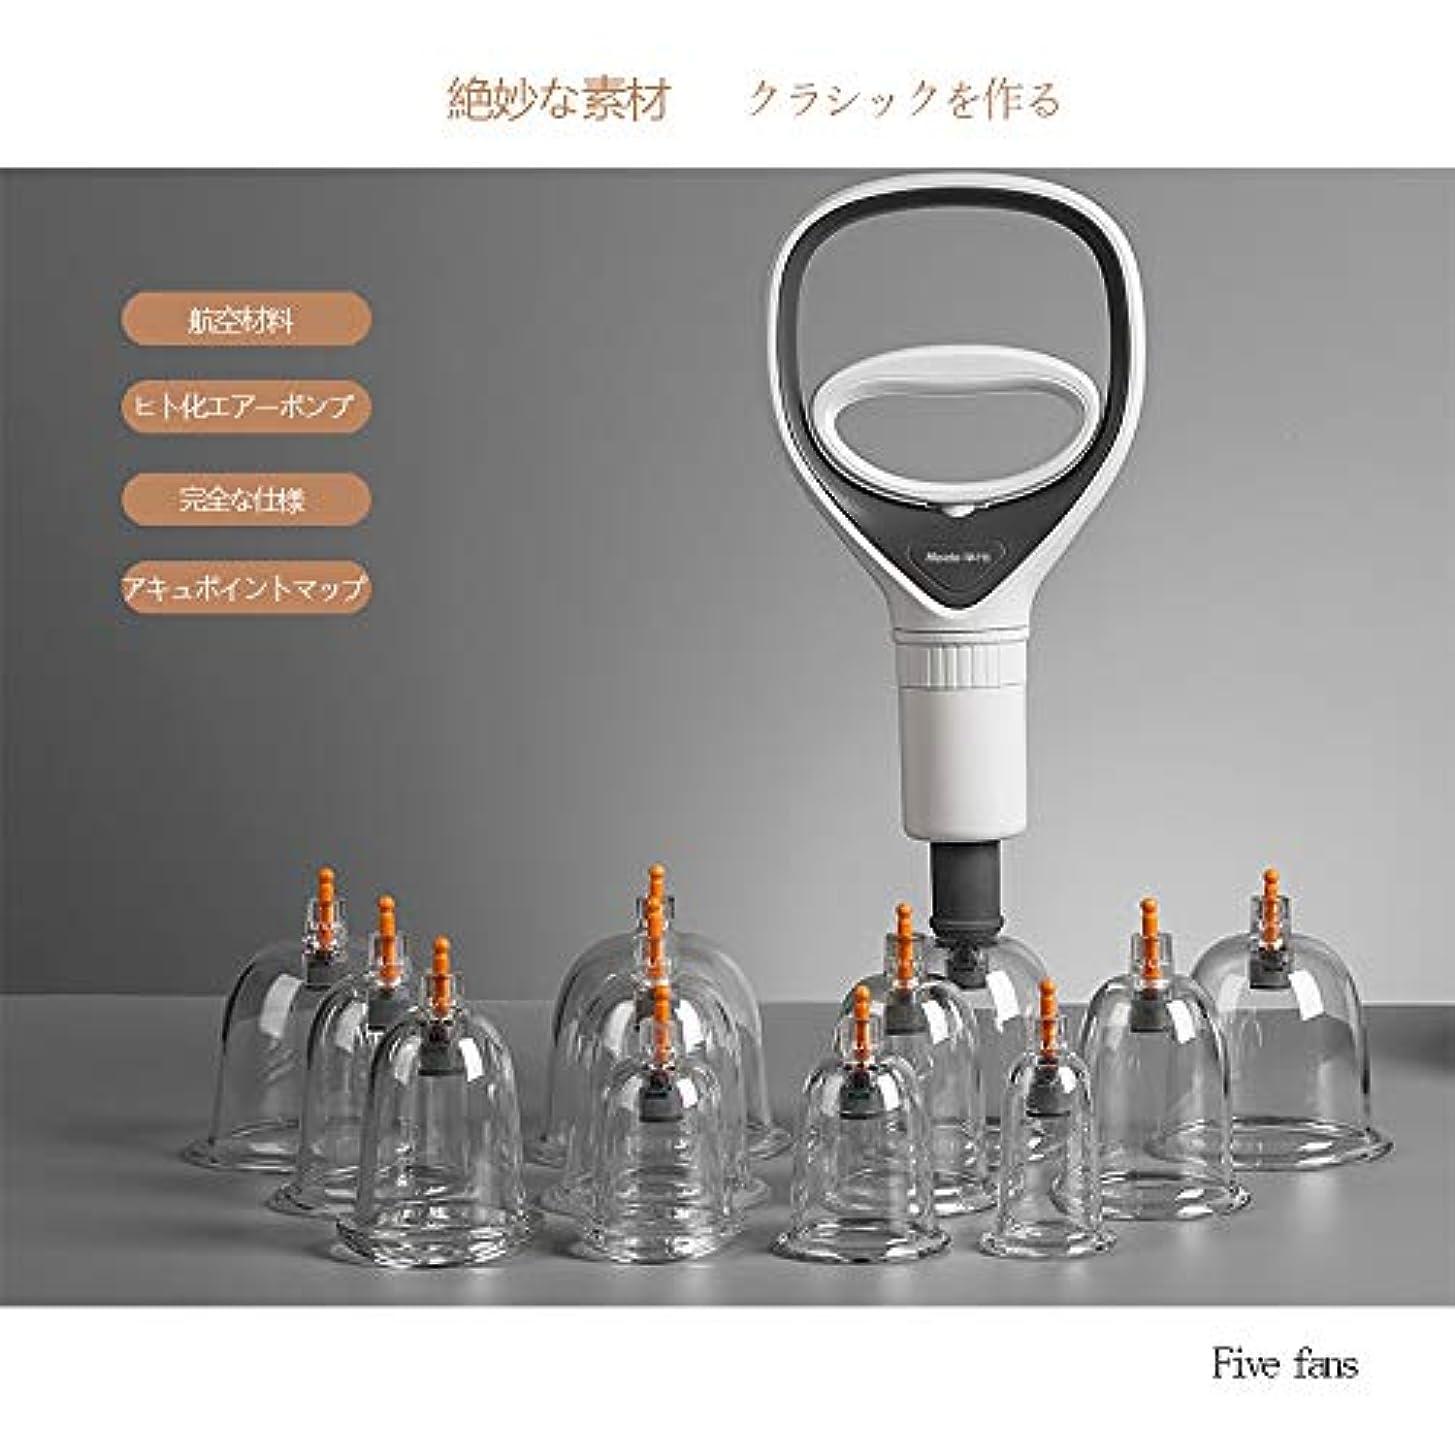 動作太陽コンパニオンカッピング 吸い玉 マッサージカップ 磁気 ポンプ付きカッピングセット 疲労解消 血液の循環を刺激 各部位対応8種類 12個セット(ギフトボックス付き)